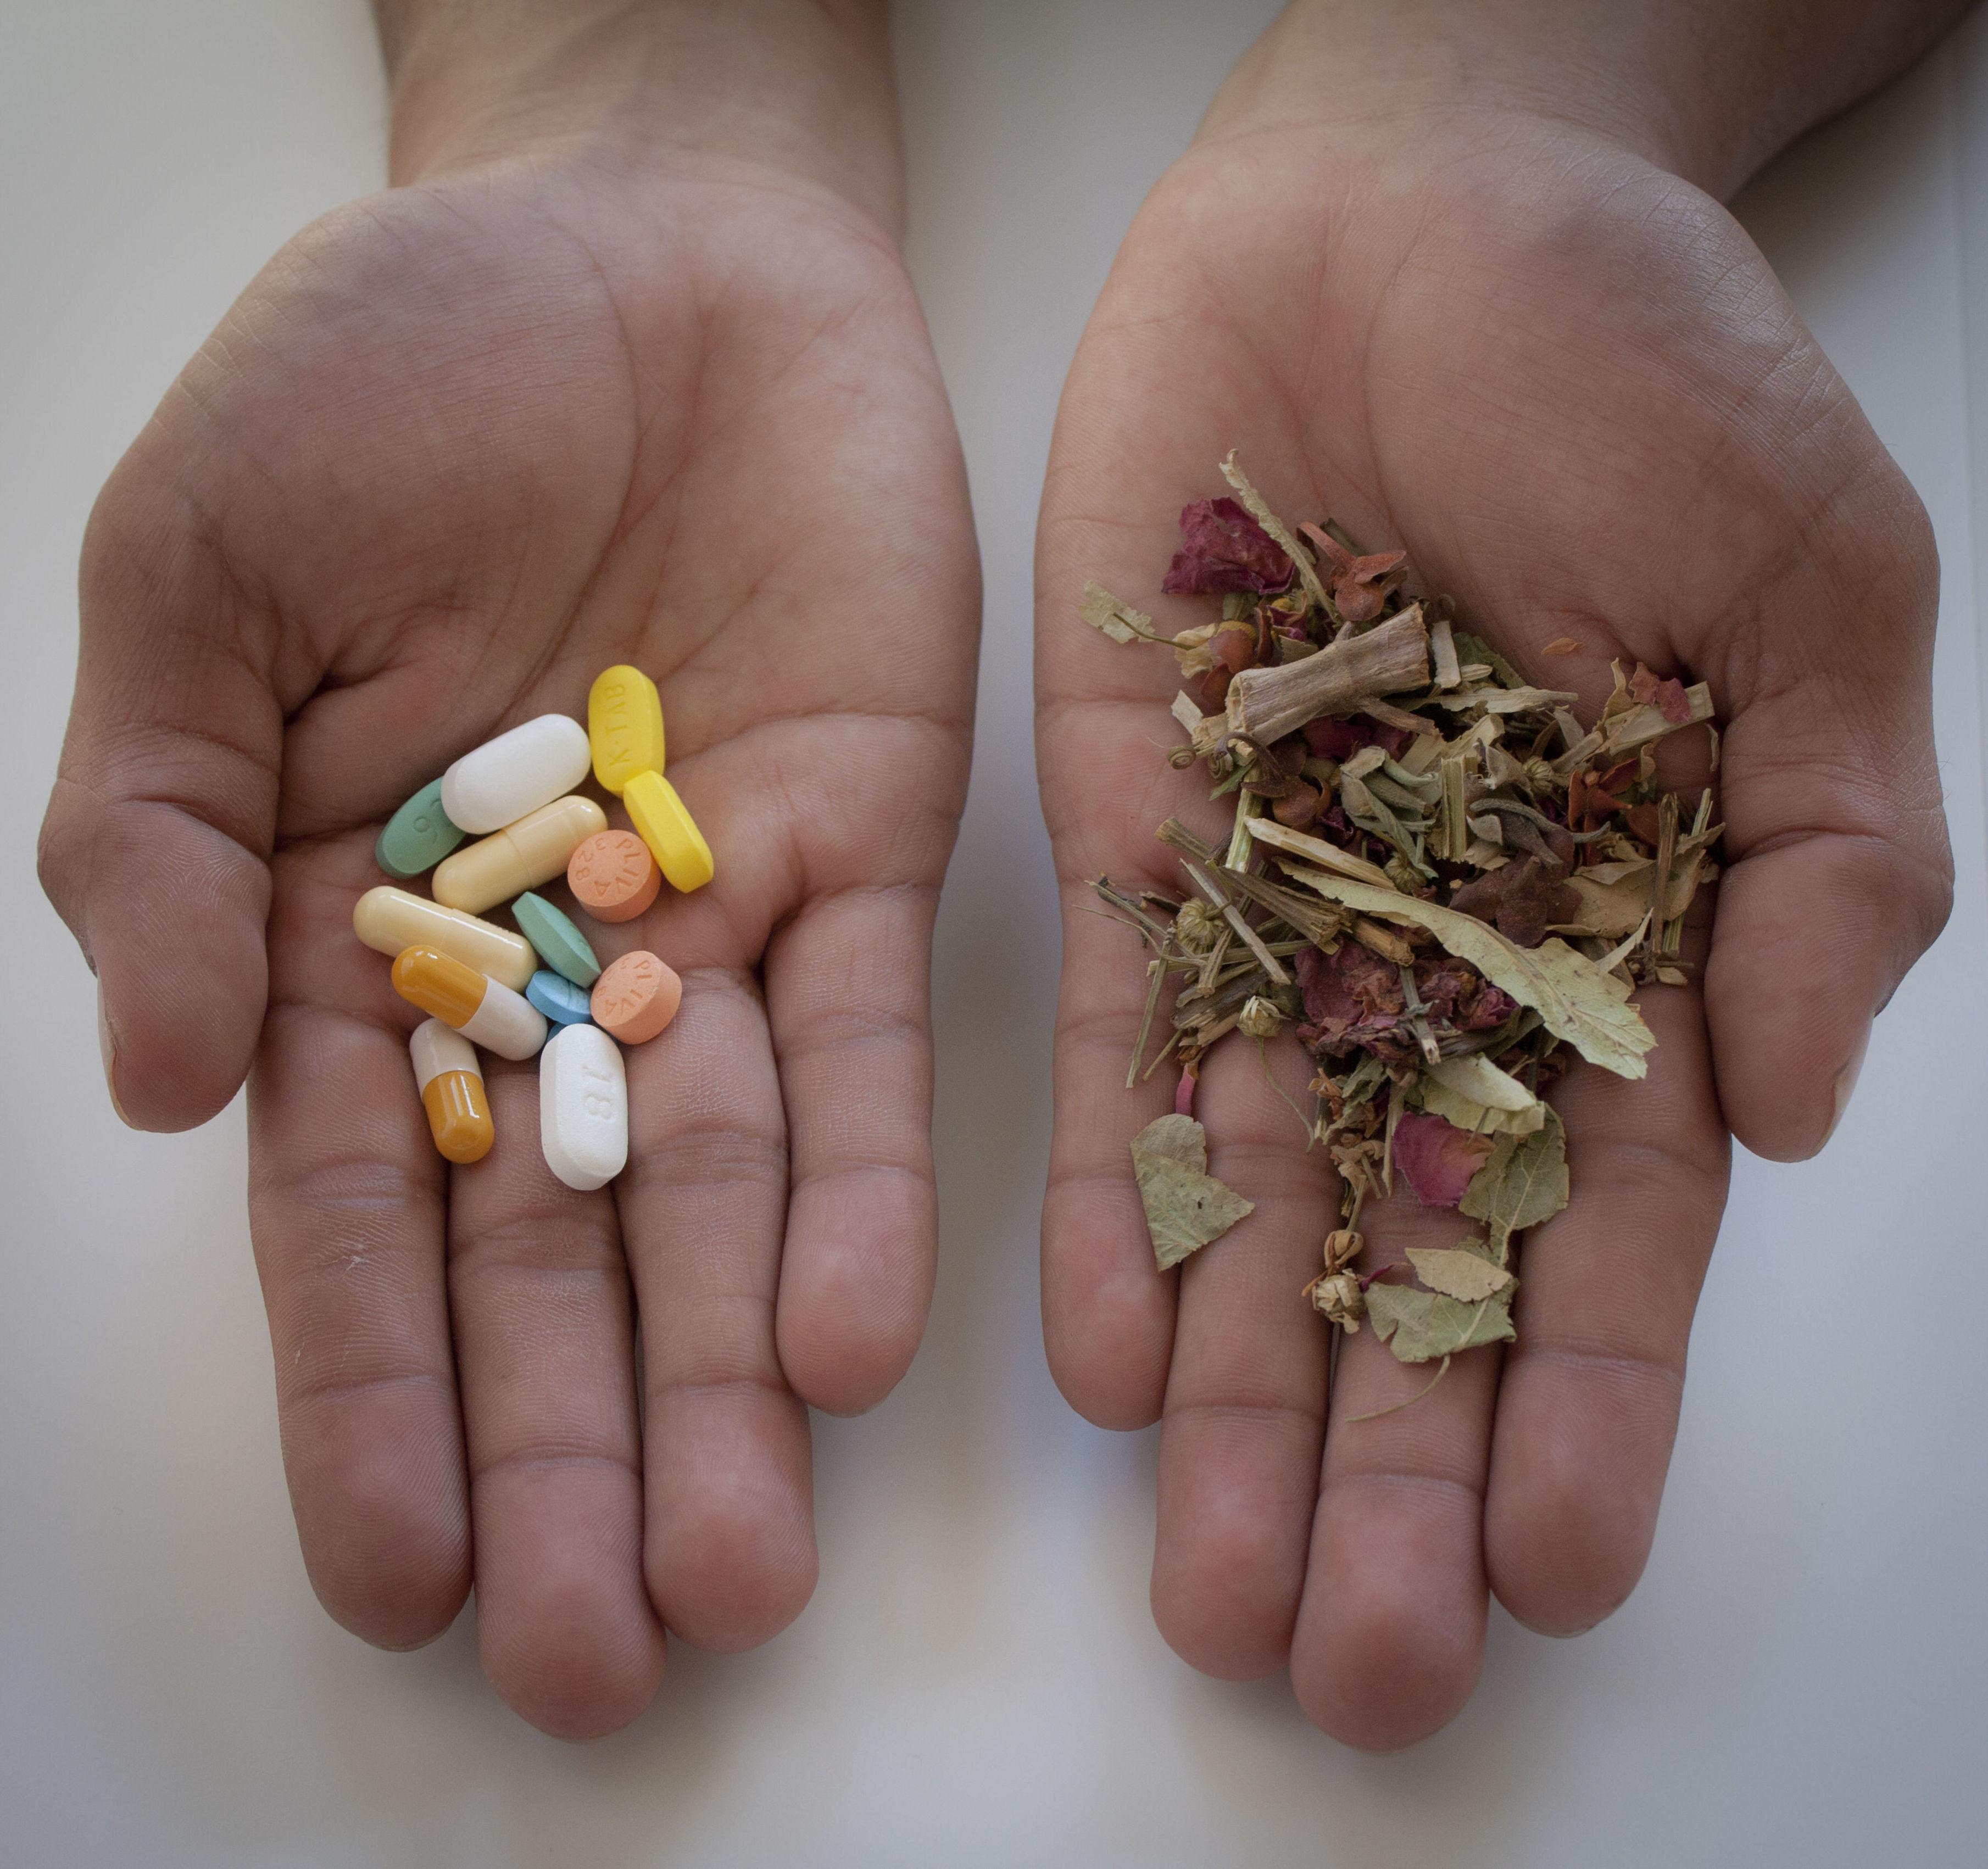 MEDICINAS TRADICIONALES, ALTERNATIVAS O ALOPÁTICAS ¿Con cual nos quedamos? ¿Por qué no todas?